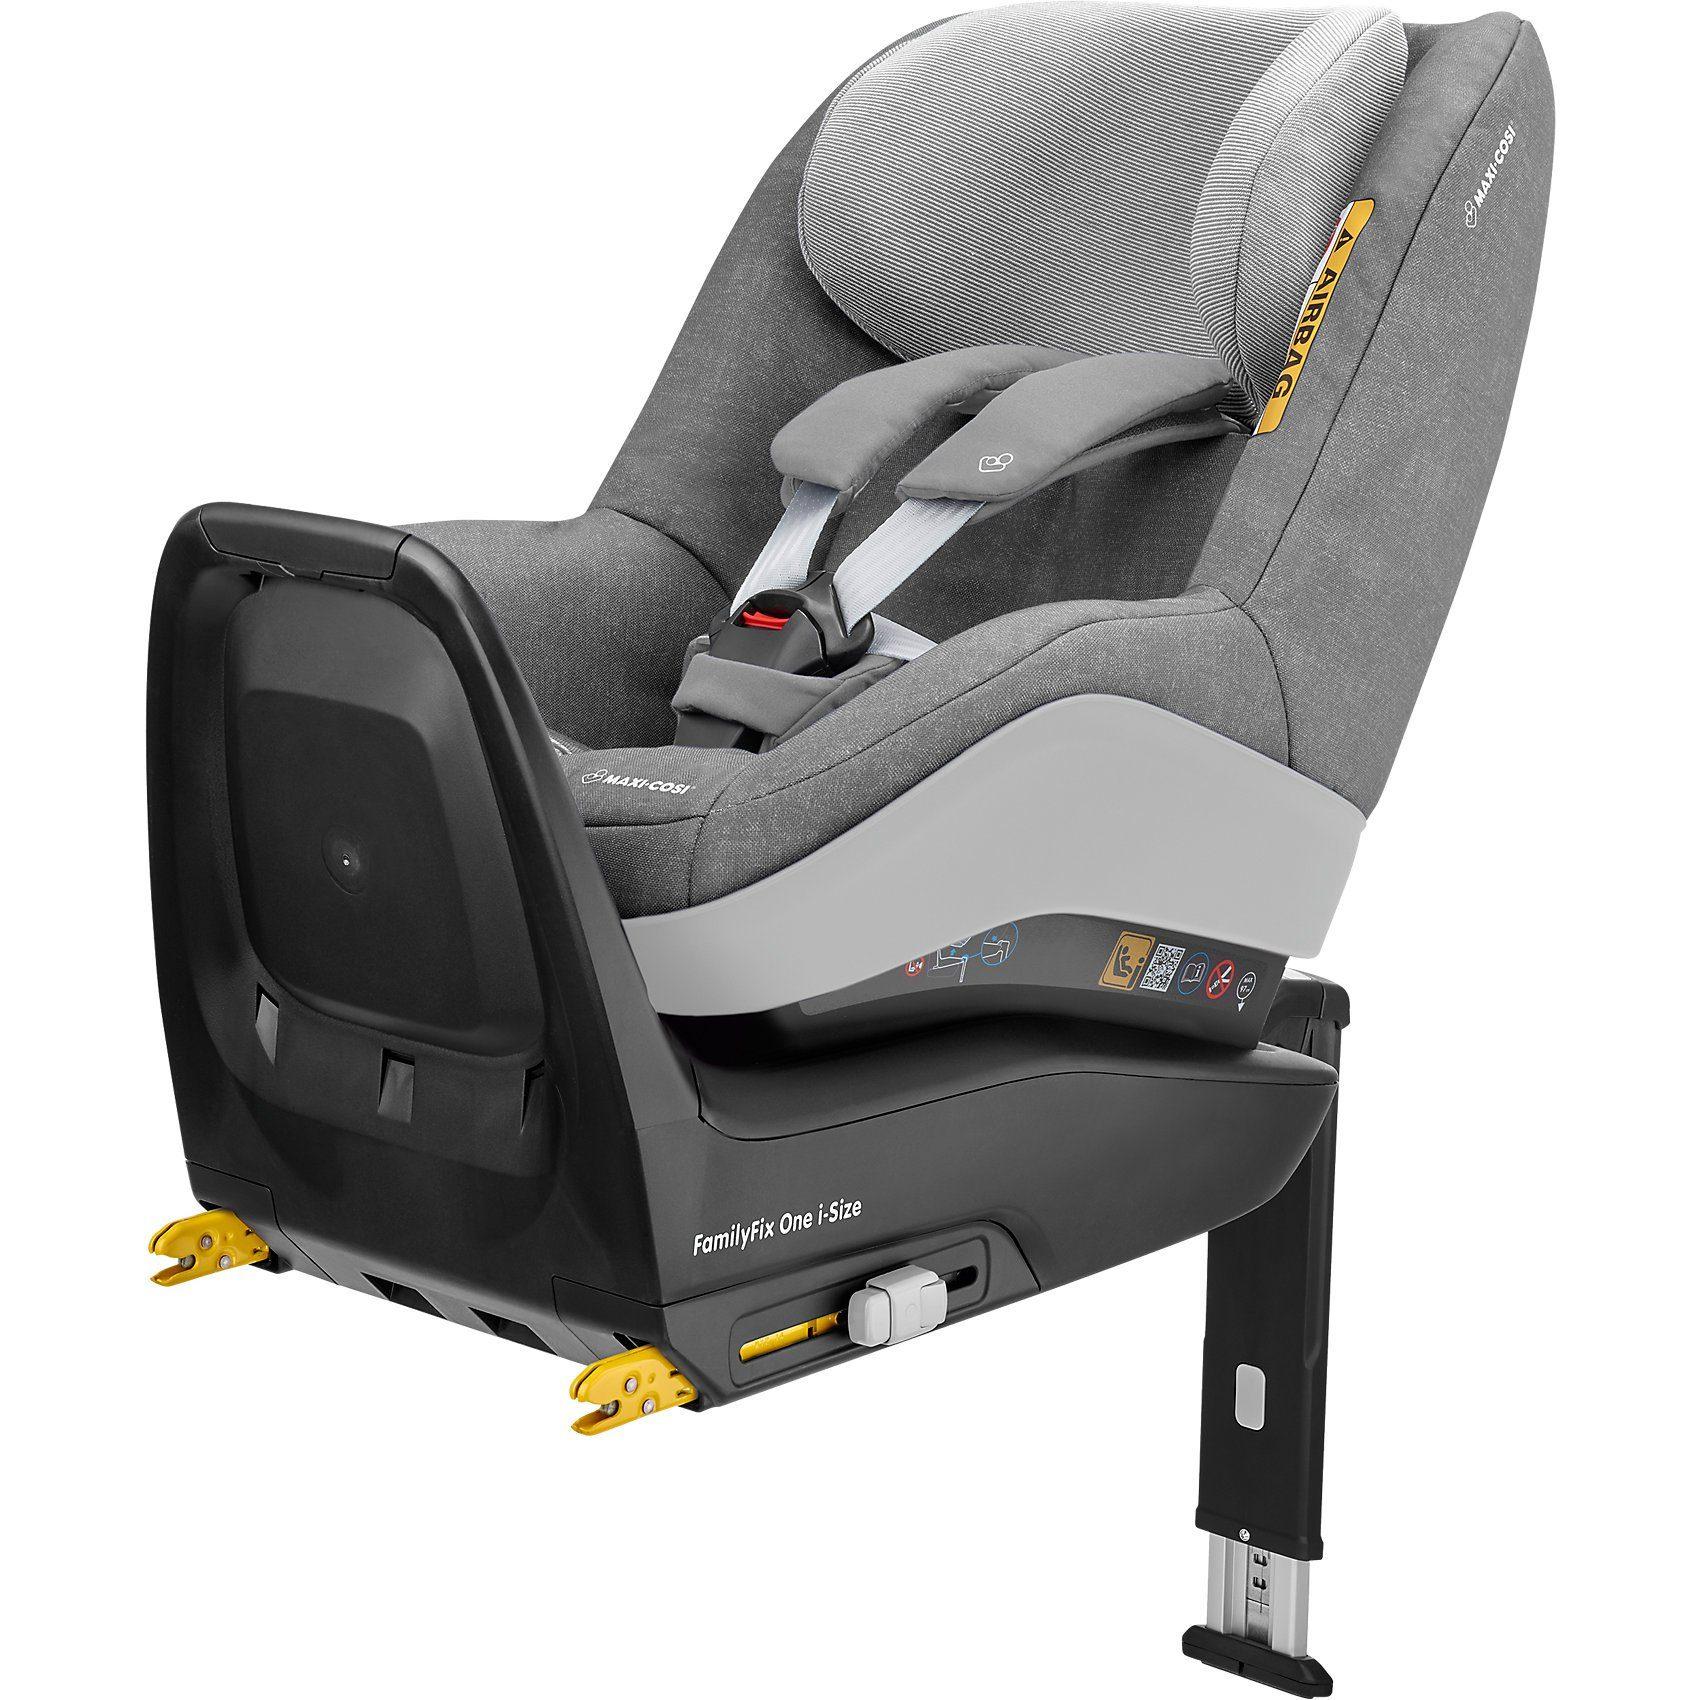 Maxi-Cosi Auto-Kindersitz Pearl One i-Size, Nomad Grey, 2018